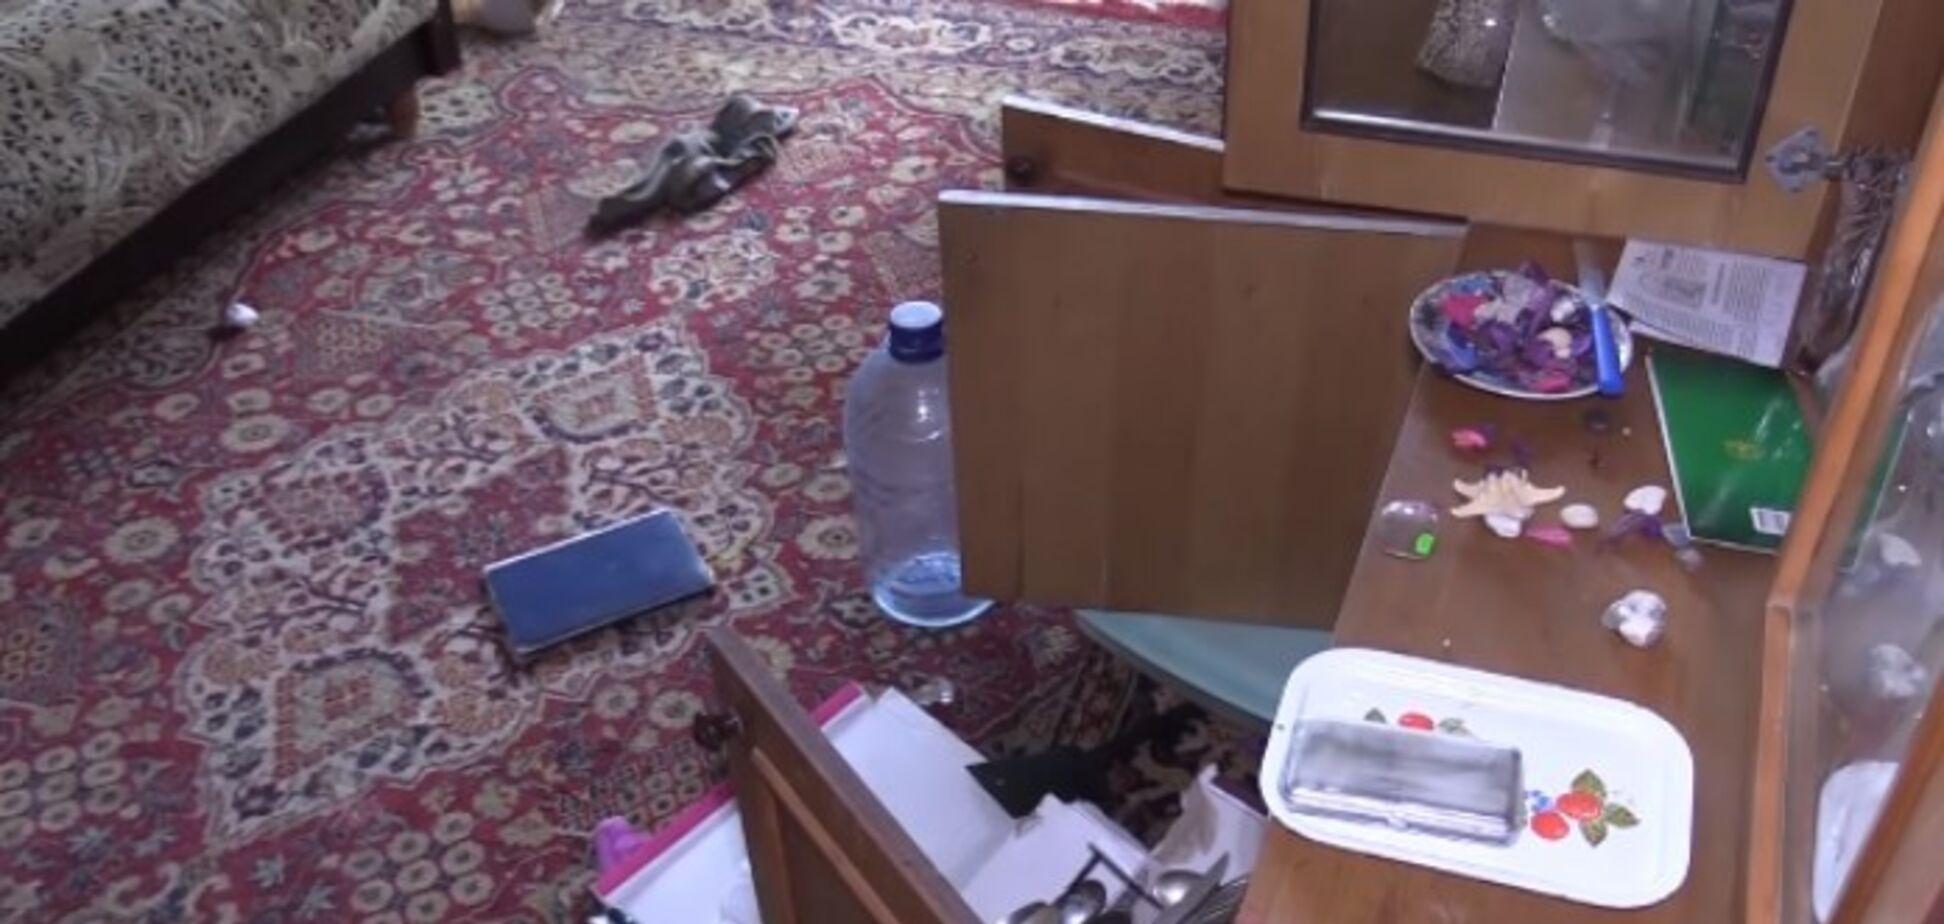 В Киеве нашли изможденного ребенка в квартире с трупами: появились новые подробности